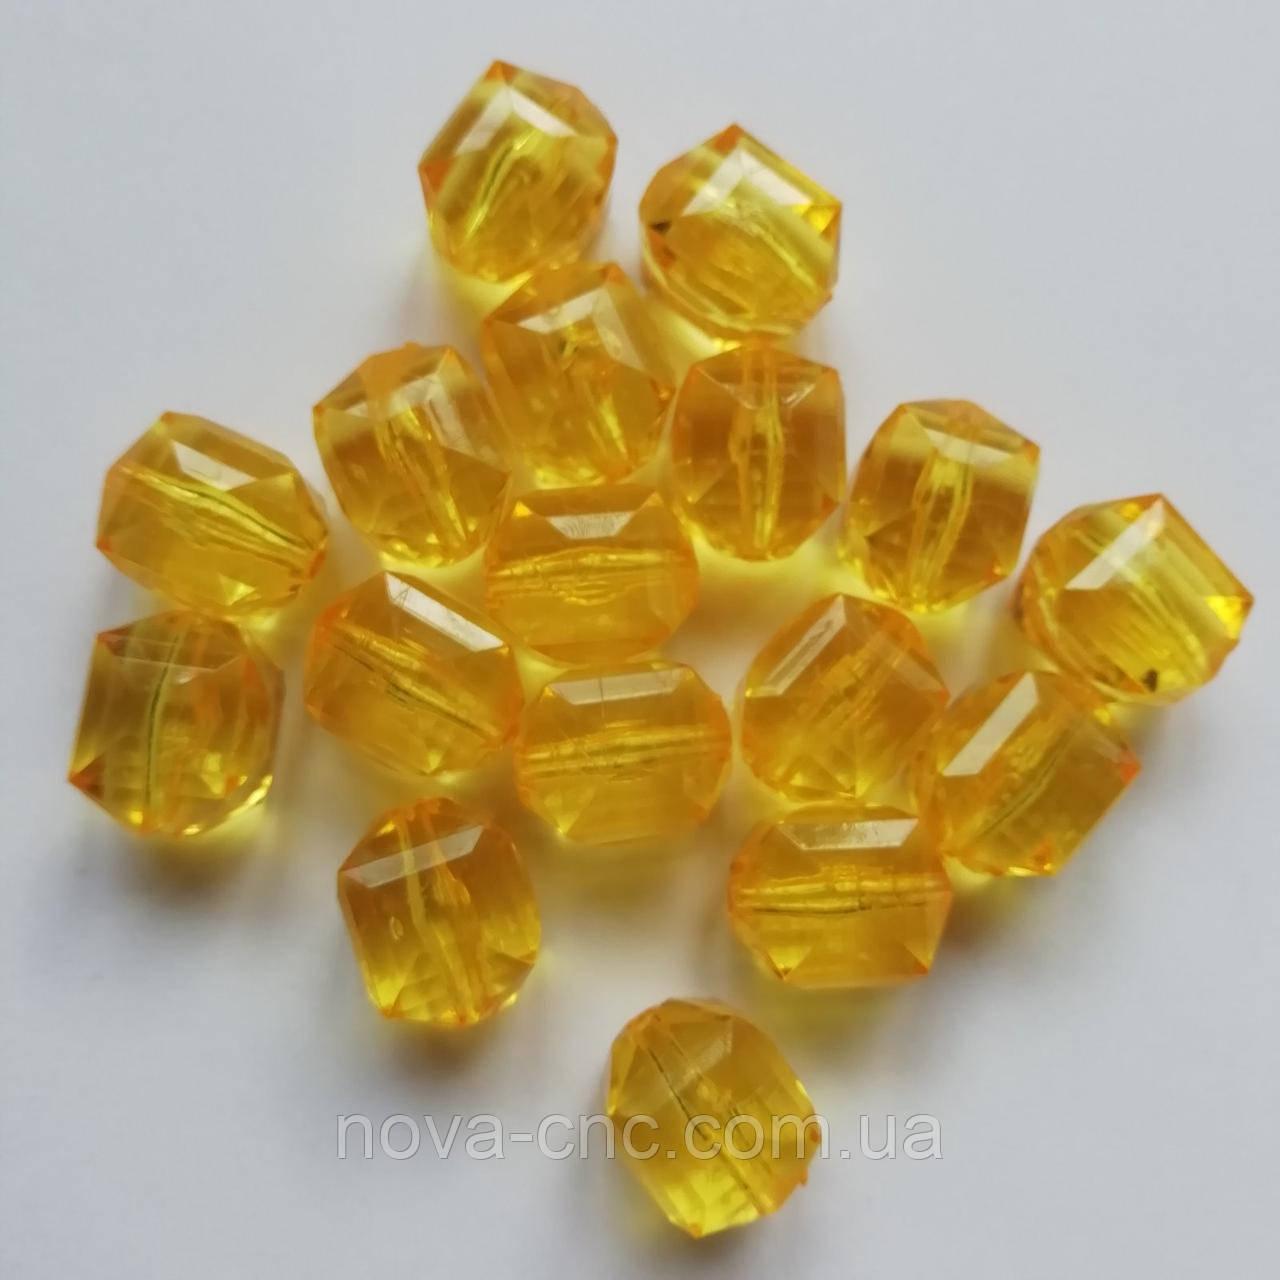 """Намистини акрил """"Куб межі"""" яскраво-жовтий 14 мм 500 грам"""